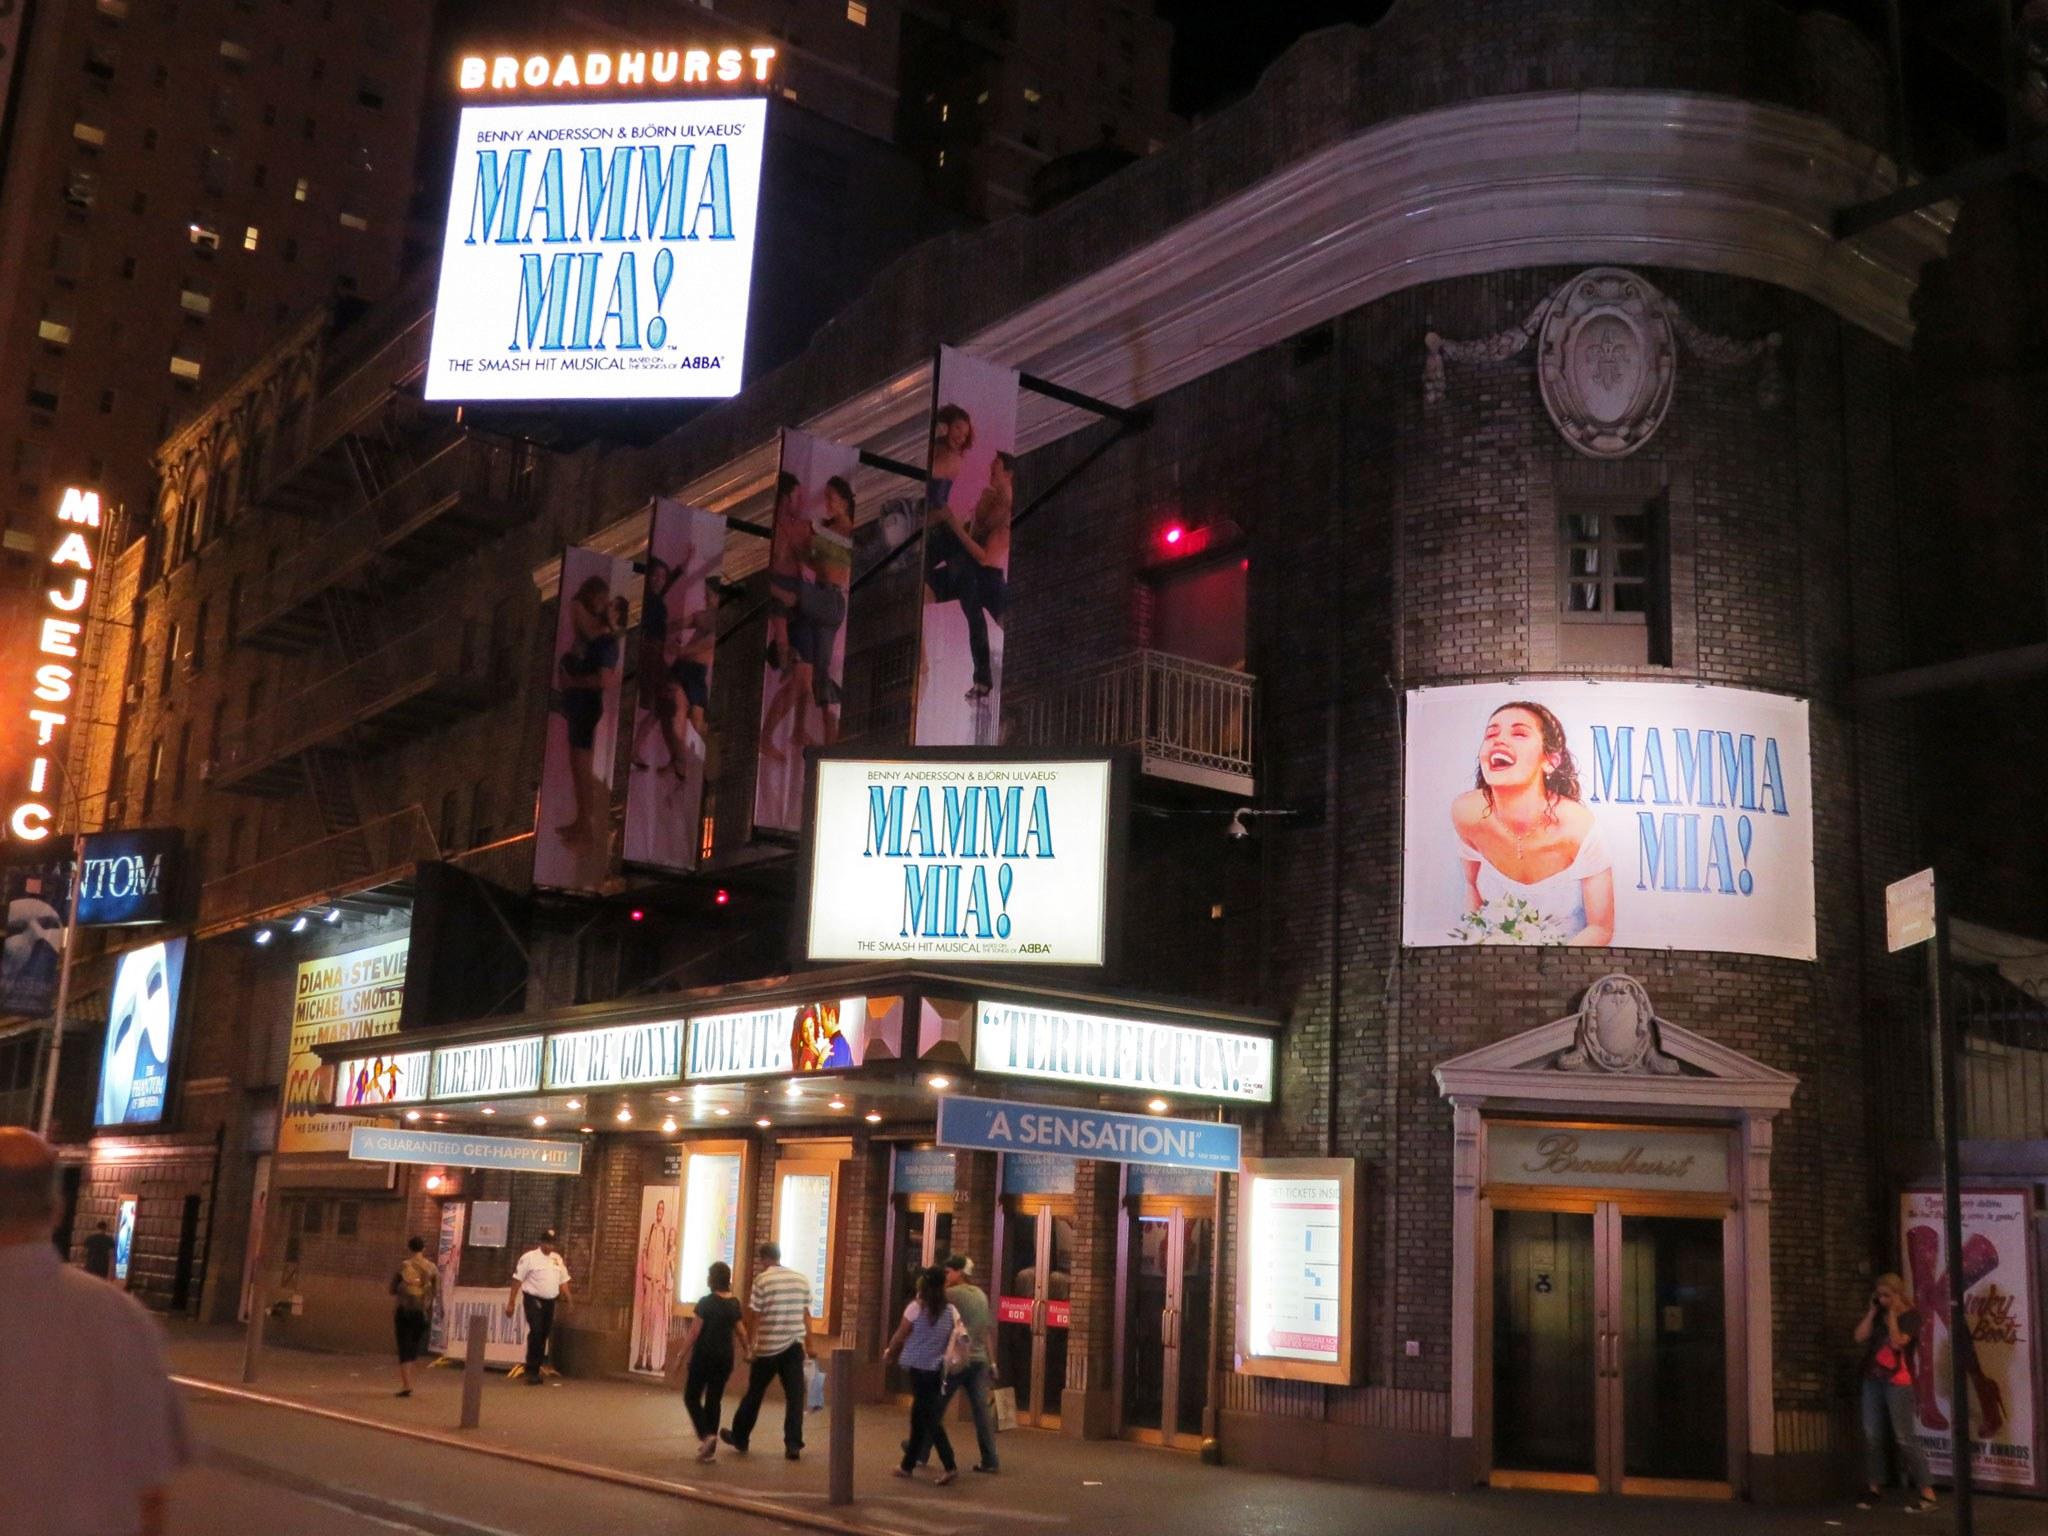 Mamma Mia Broadway Theatre Marquee